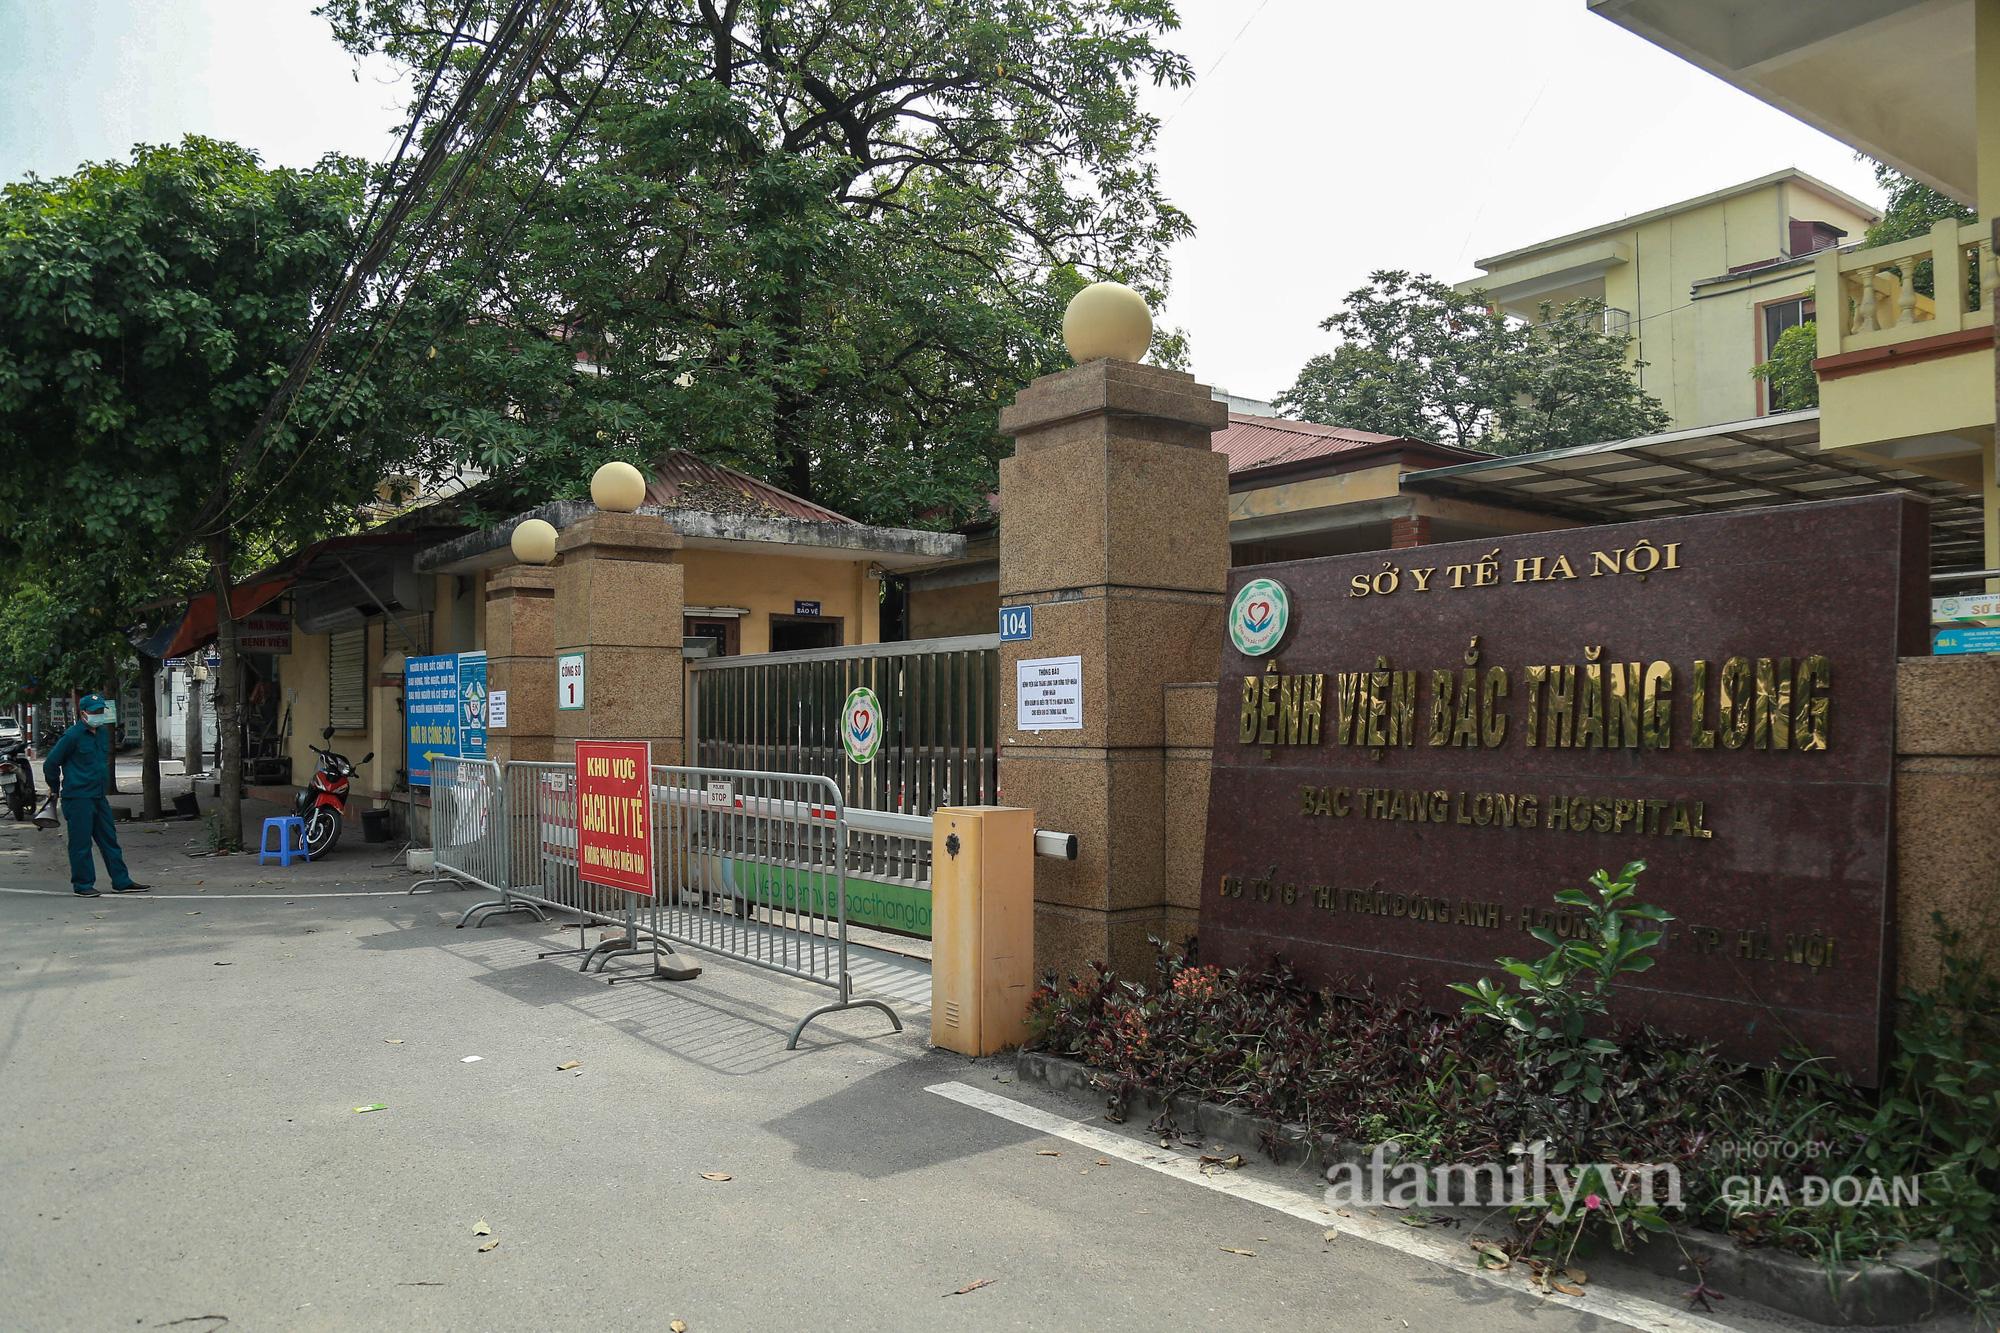 Bệnh viện Bắc Thăng Long tạm thời phong tỏa, dừng tiếp nhận bệnh nhân vì có liên quan đến người phụ nữ bán rau dương tính SARS-CoV-2 trong cộng đồng - Ảnh 1.